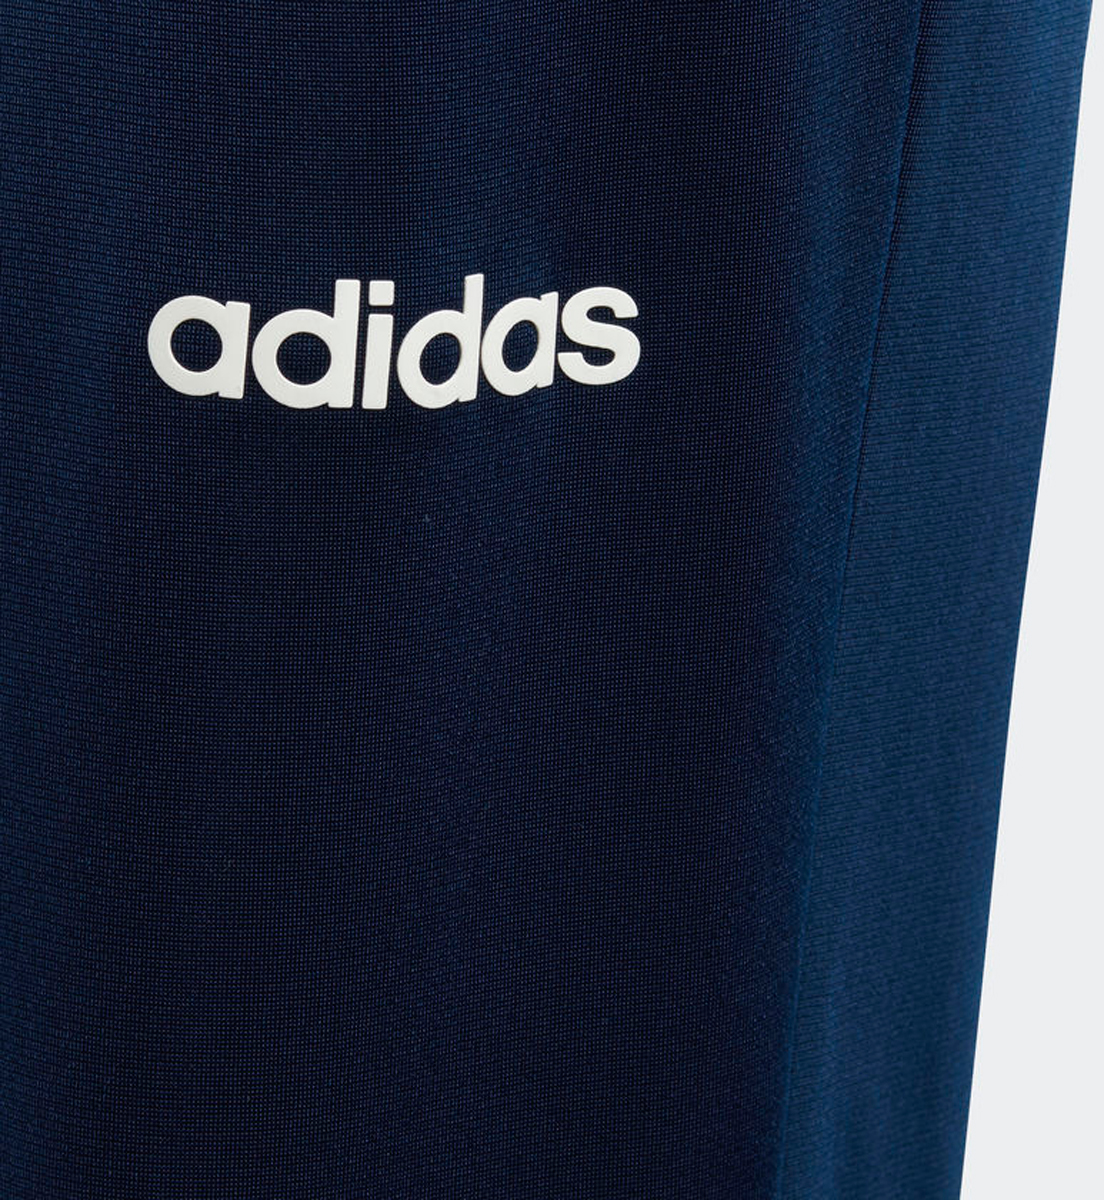 Спортивный костюм для мальчика Adidas Yb Ts Entry, цвет: темно-синий. DV1744. Размер 122 adidas